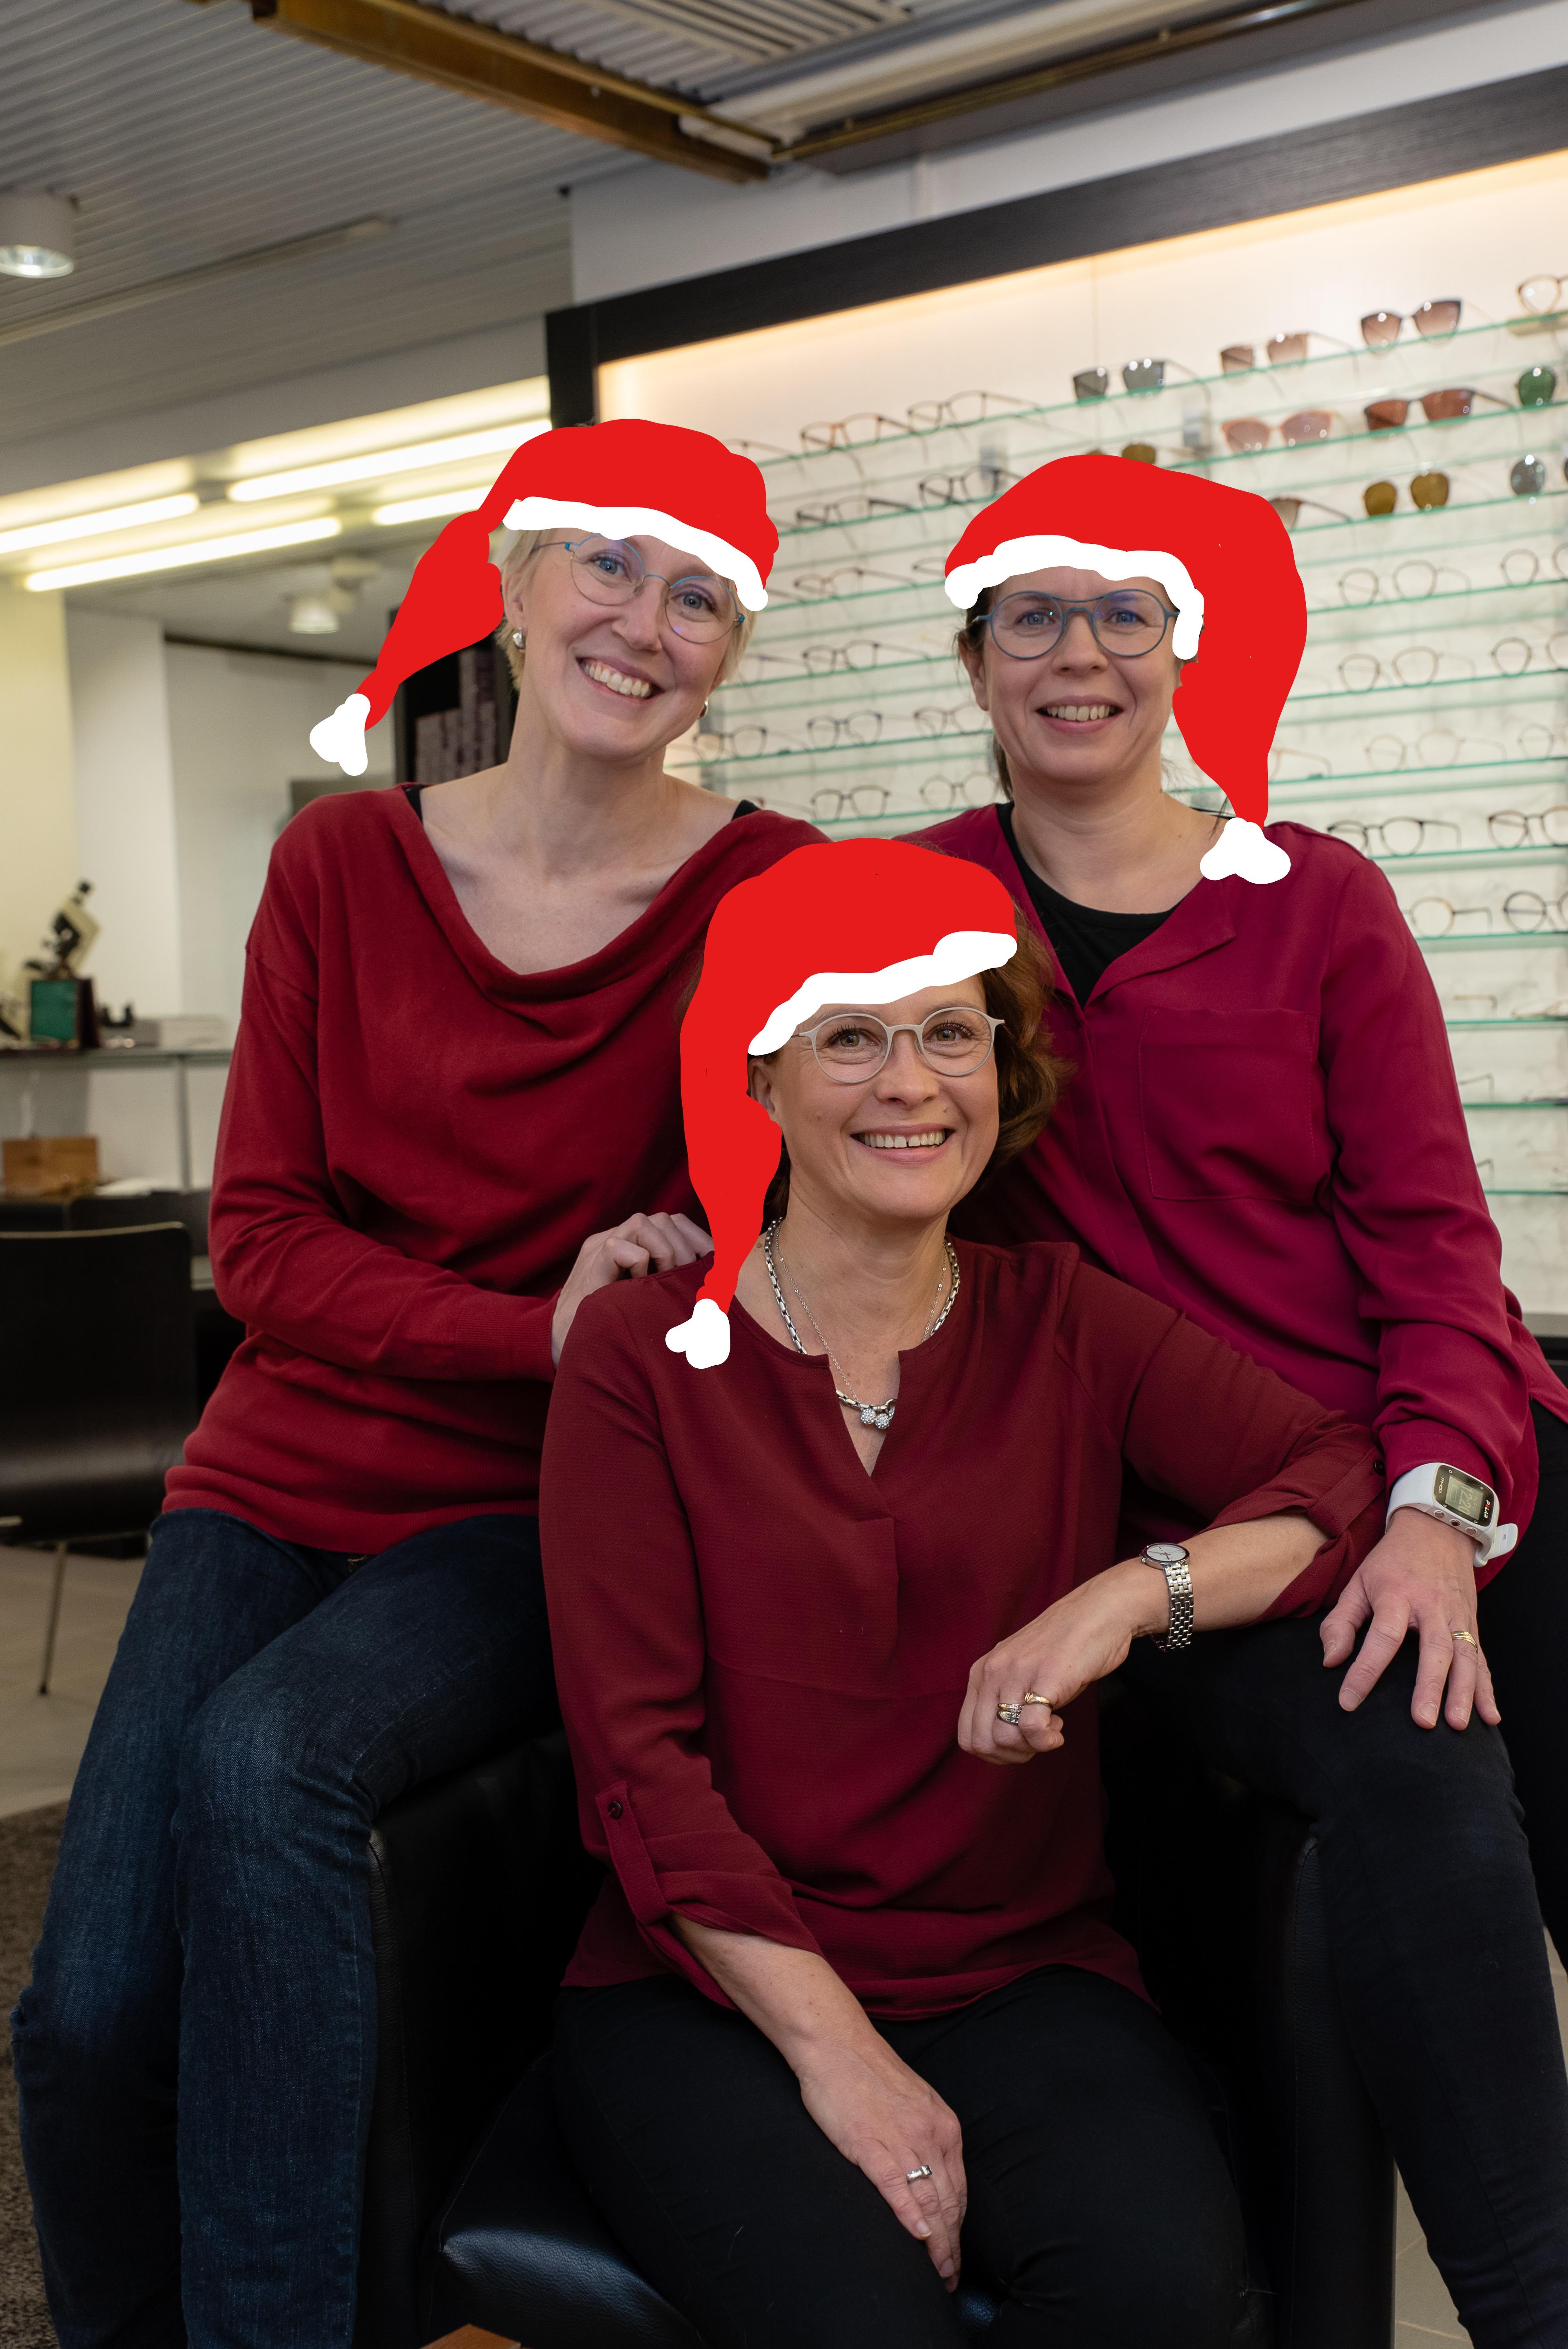 Hyvää joulua toivottavat Optiicatin tontut!